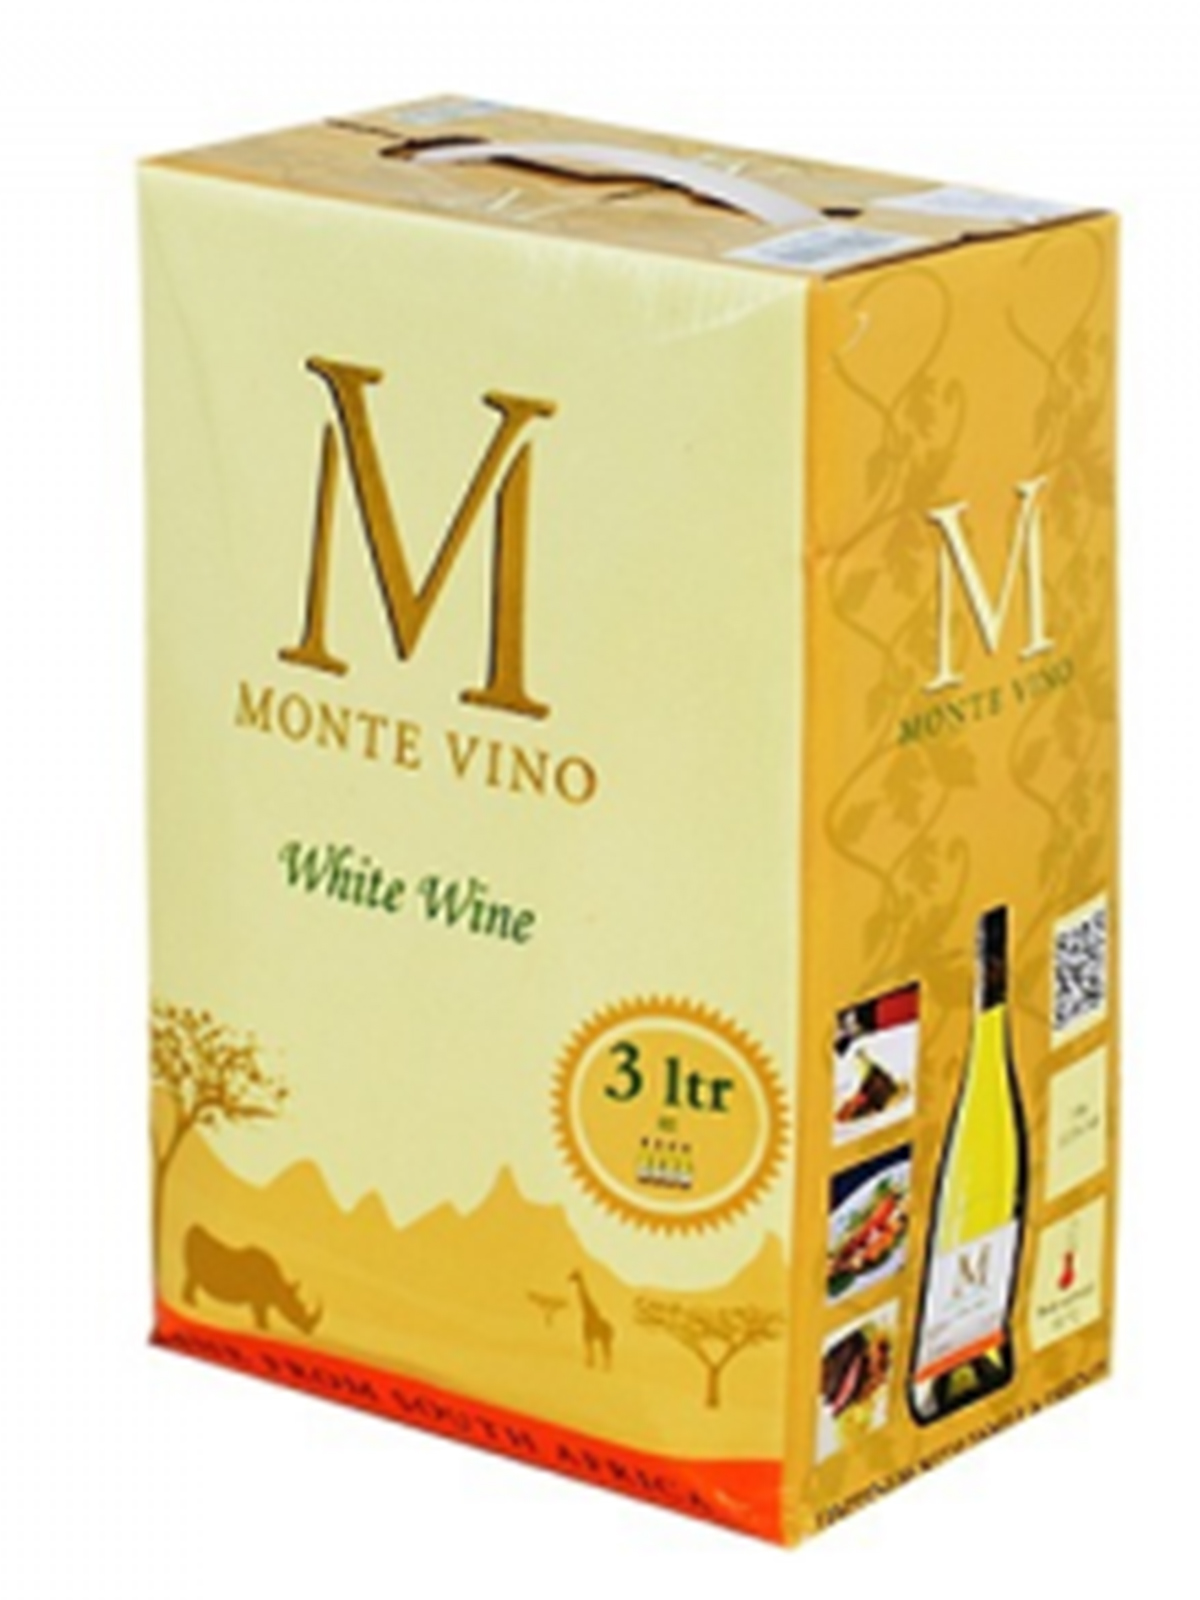 MONTE VINO white WINE BIB